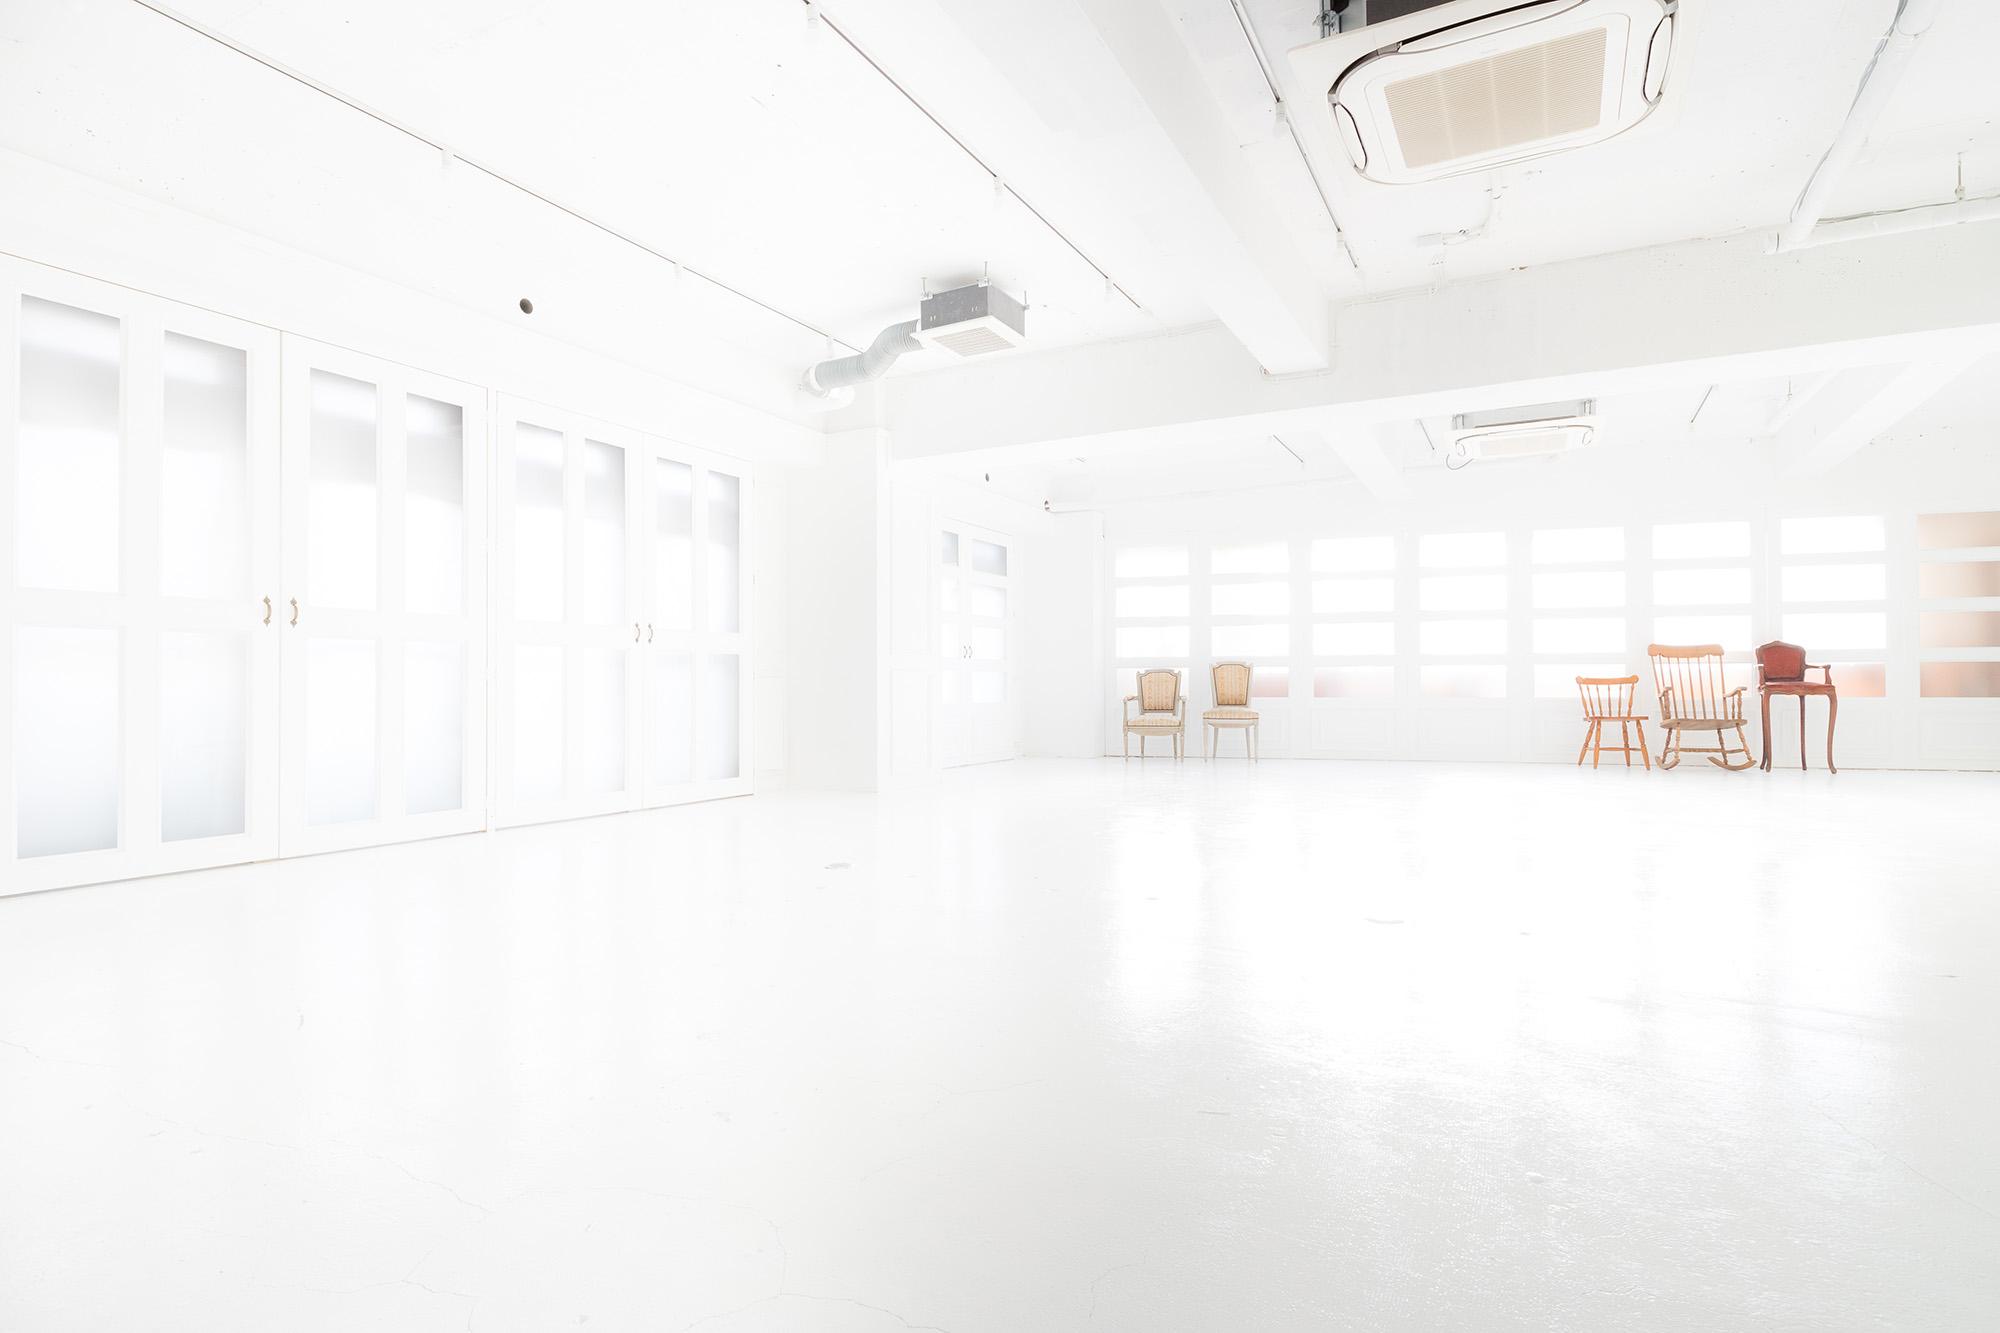 【スタジオ紹介】Studio Serato 笹塚